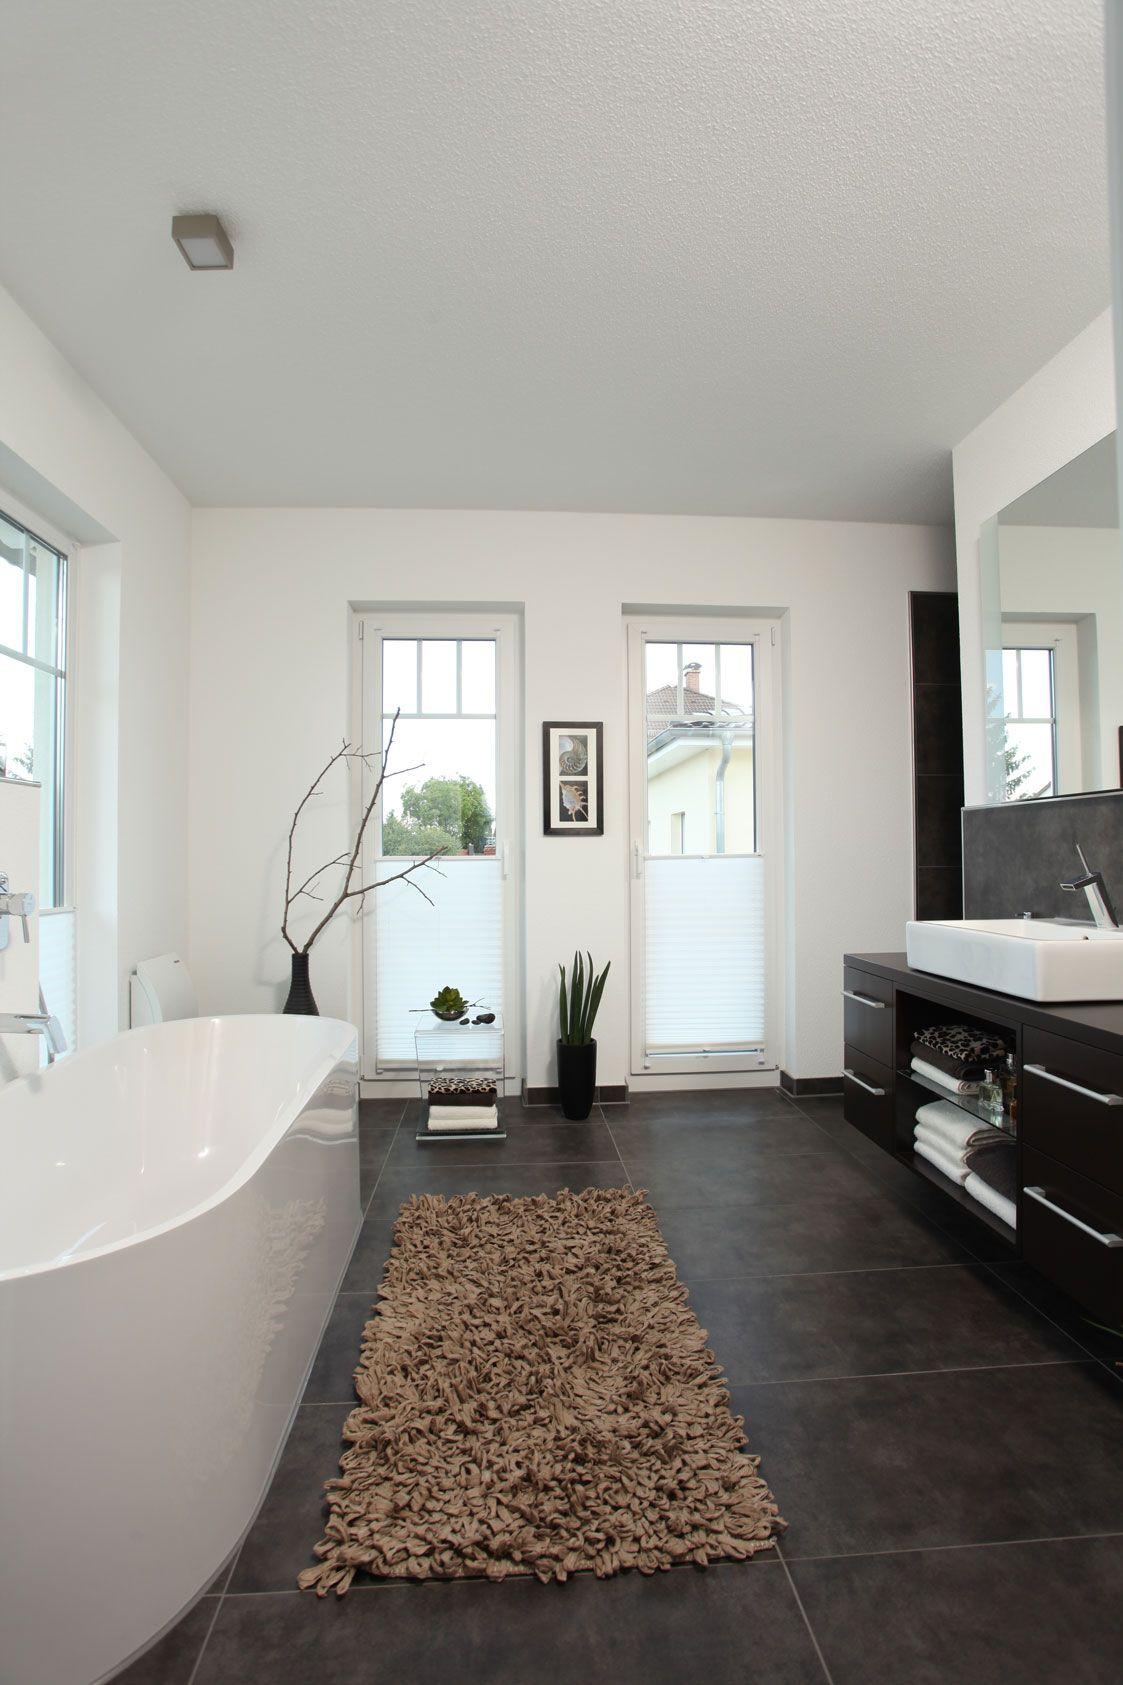 Badezimmer dekor grau badezimmer mit freistehender badewanne  badezimmer  pinterest